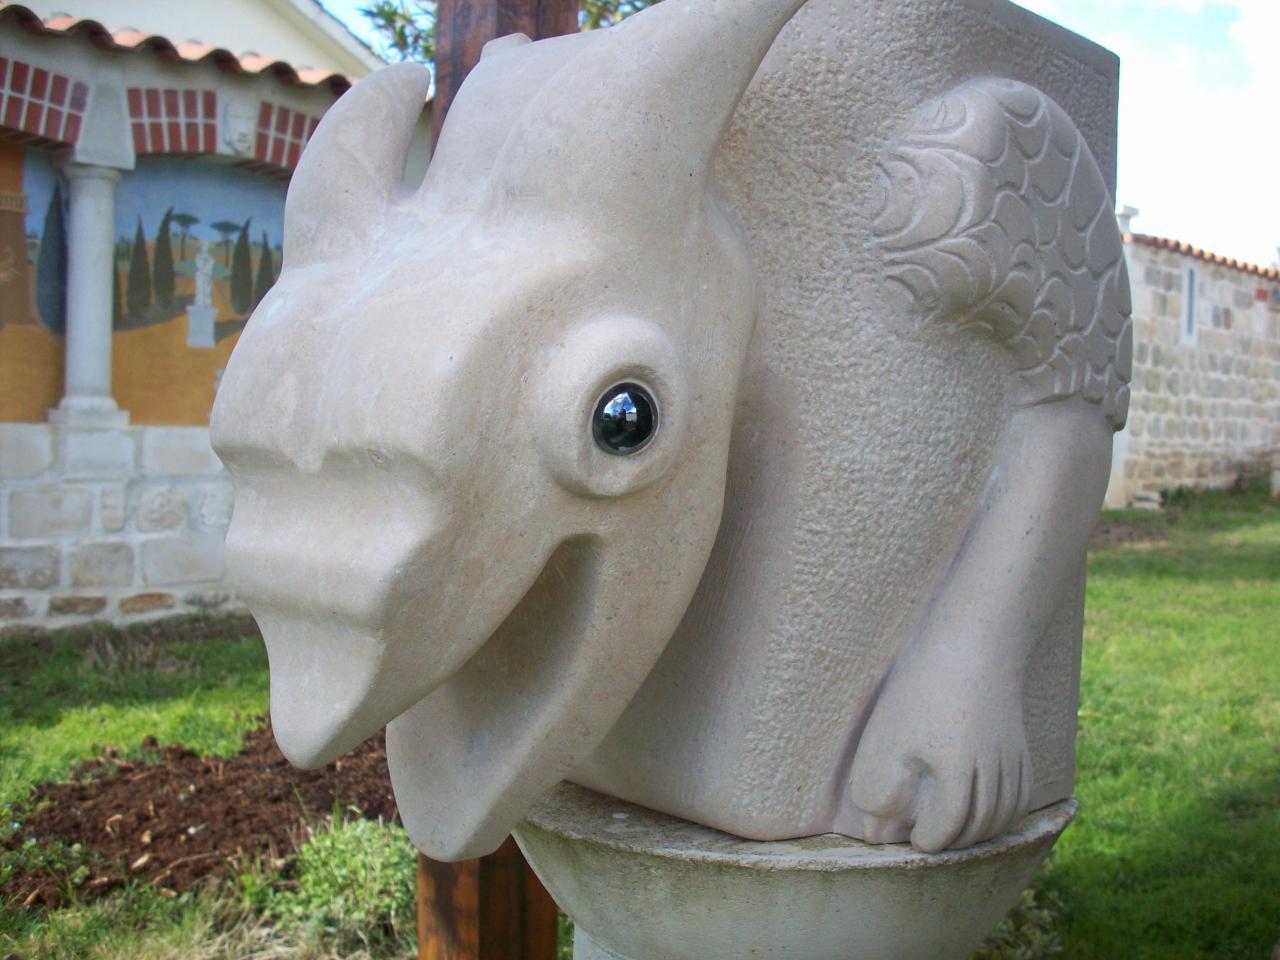 Vue de la chimère terminée par son côté gauche.